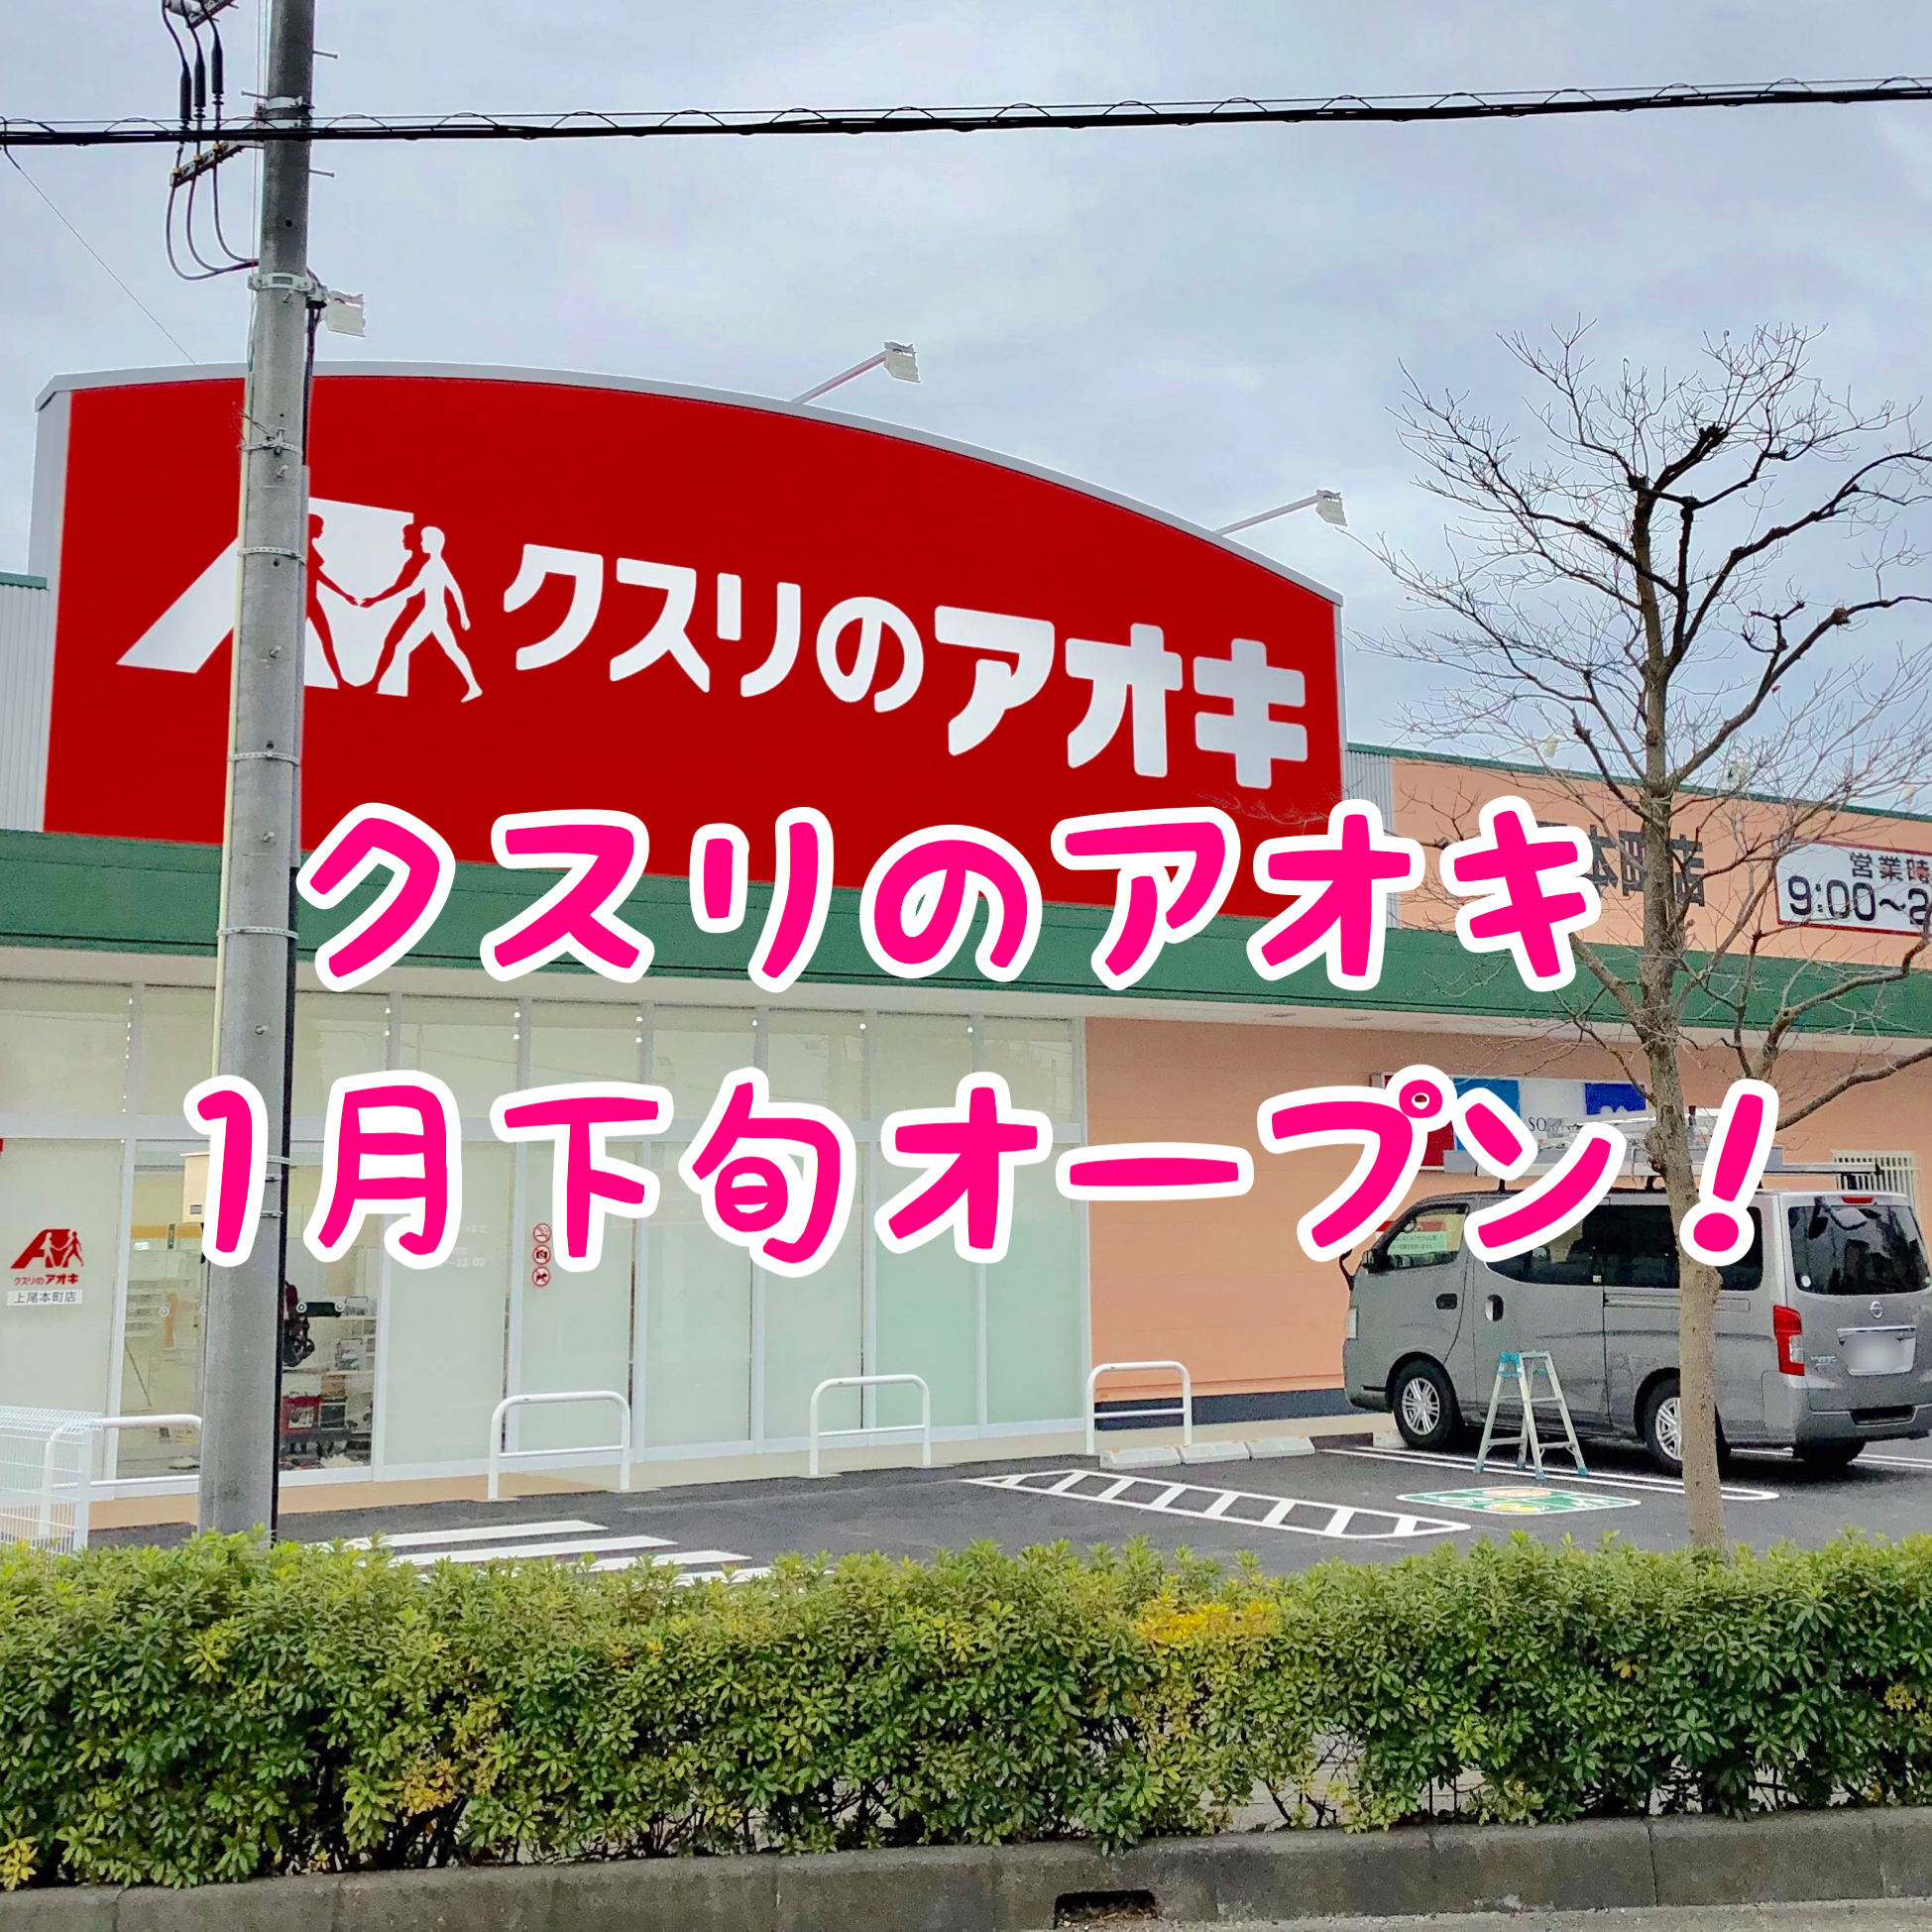 クスリのアオキ上尾本町店が1月30日ニューオープン!